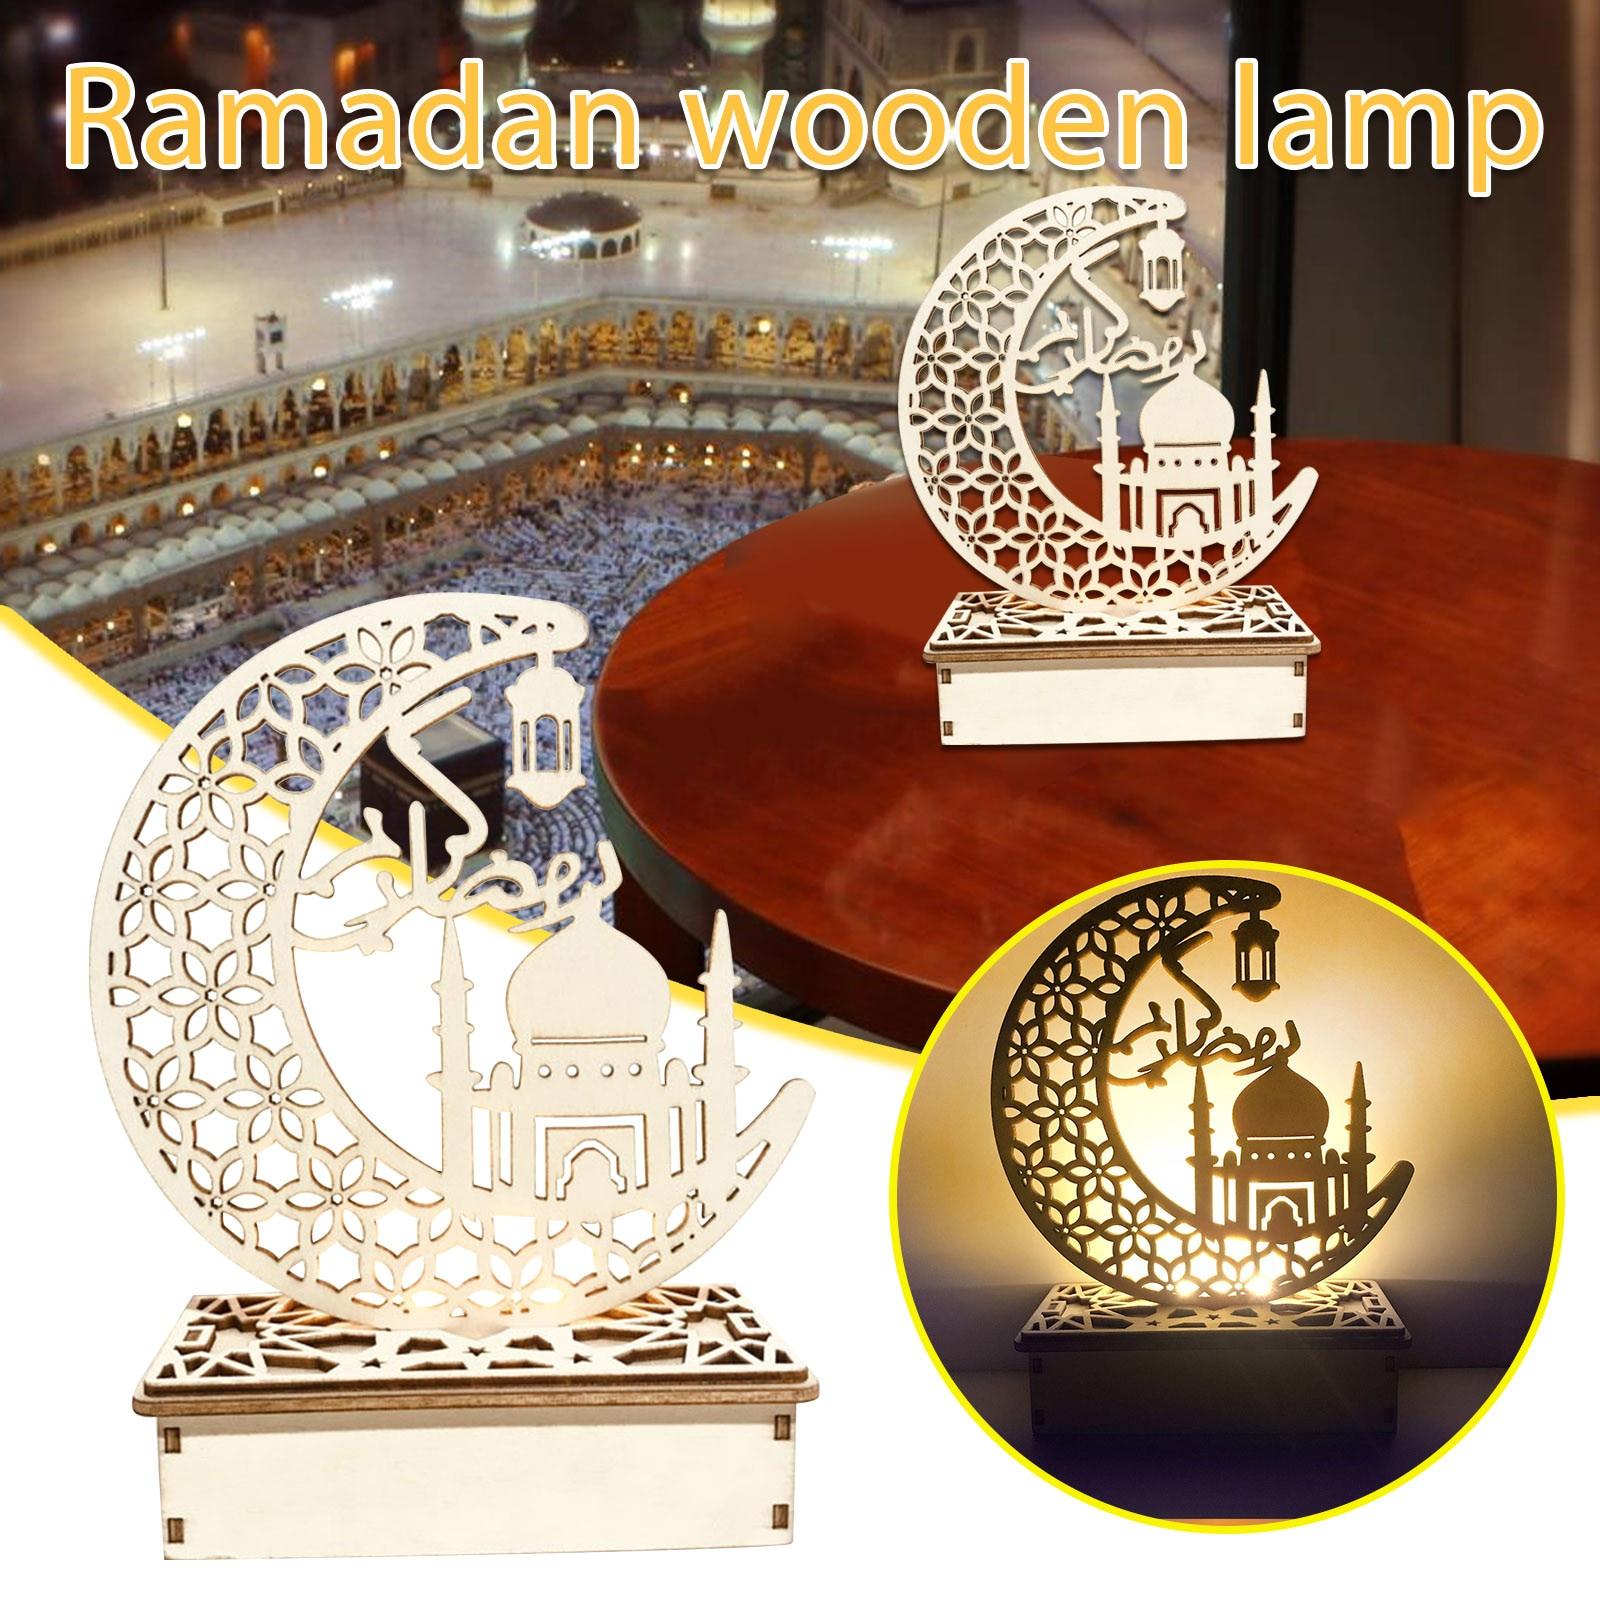 Ramadan Moslim Ledeid Mubarak Geschenken Diy Home Decor Houten Huis Decoratie Voor Eid Al Fitr Ramadan Decoraties Pasen Decoratie